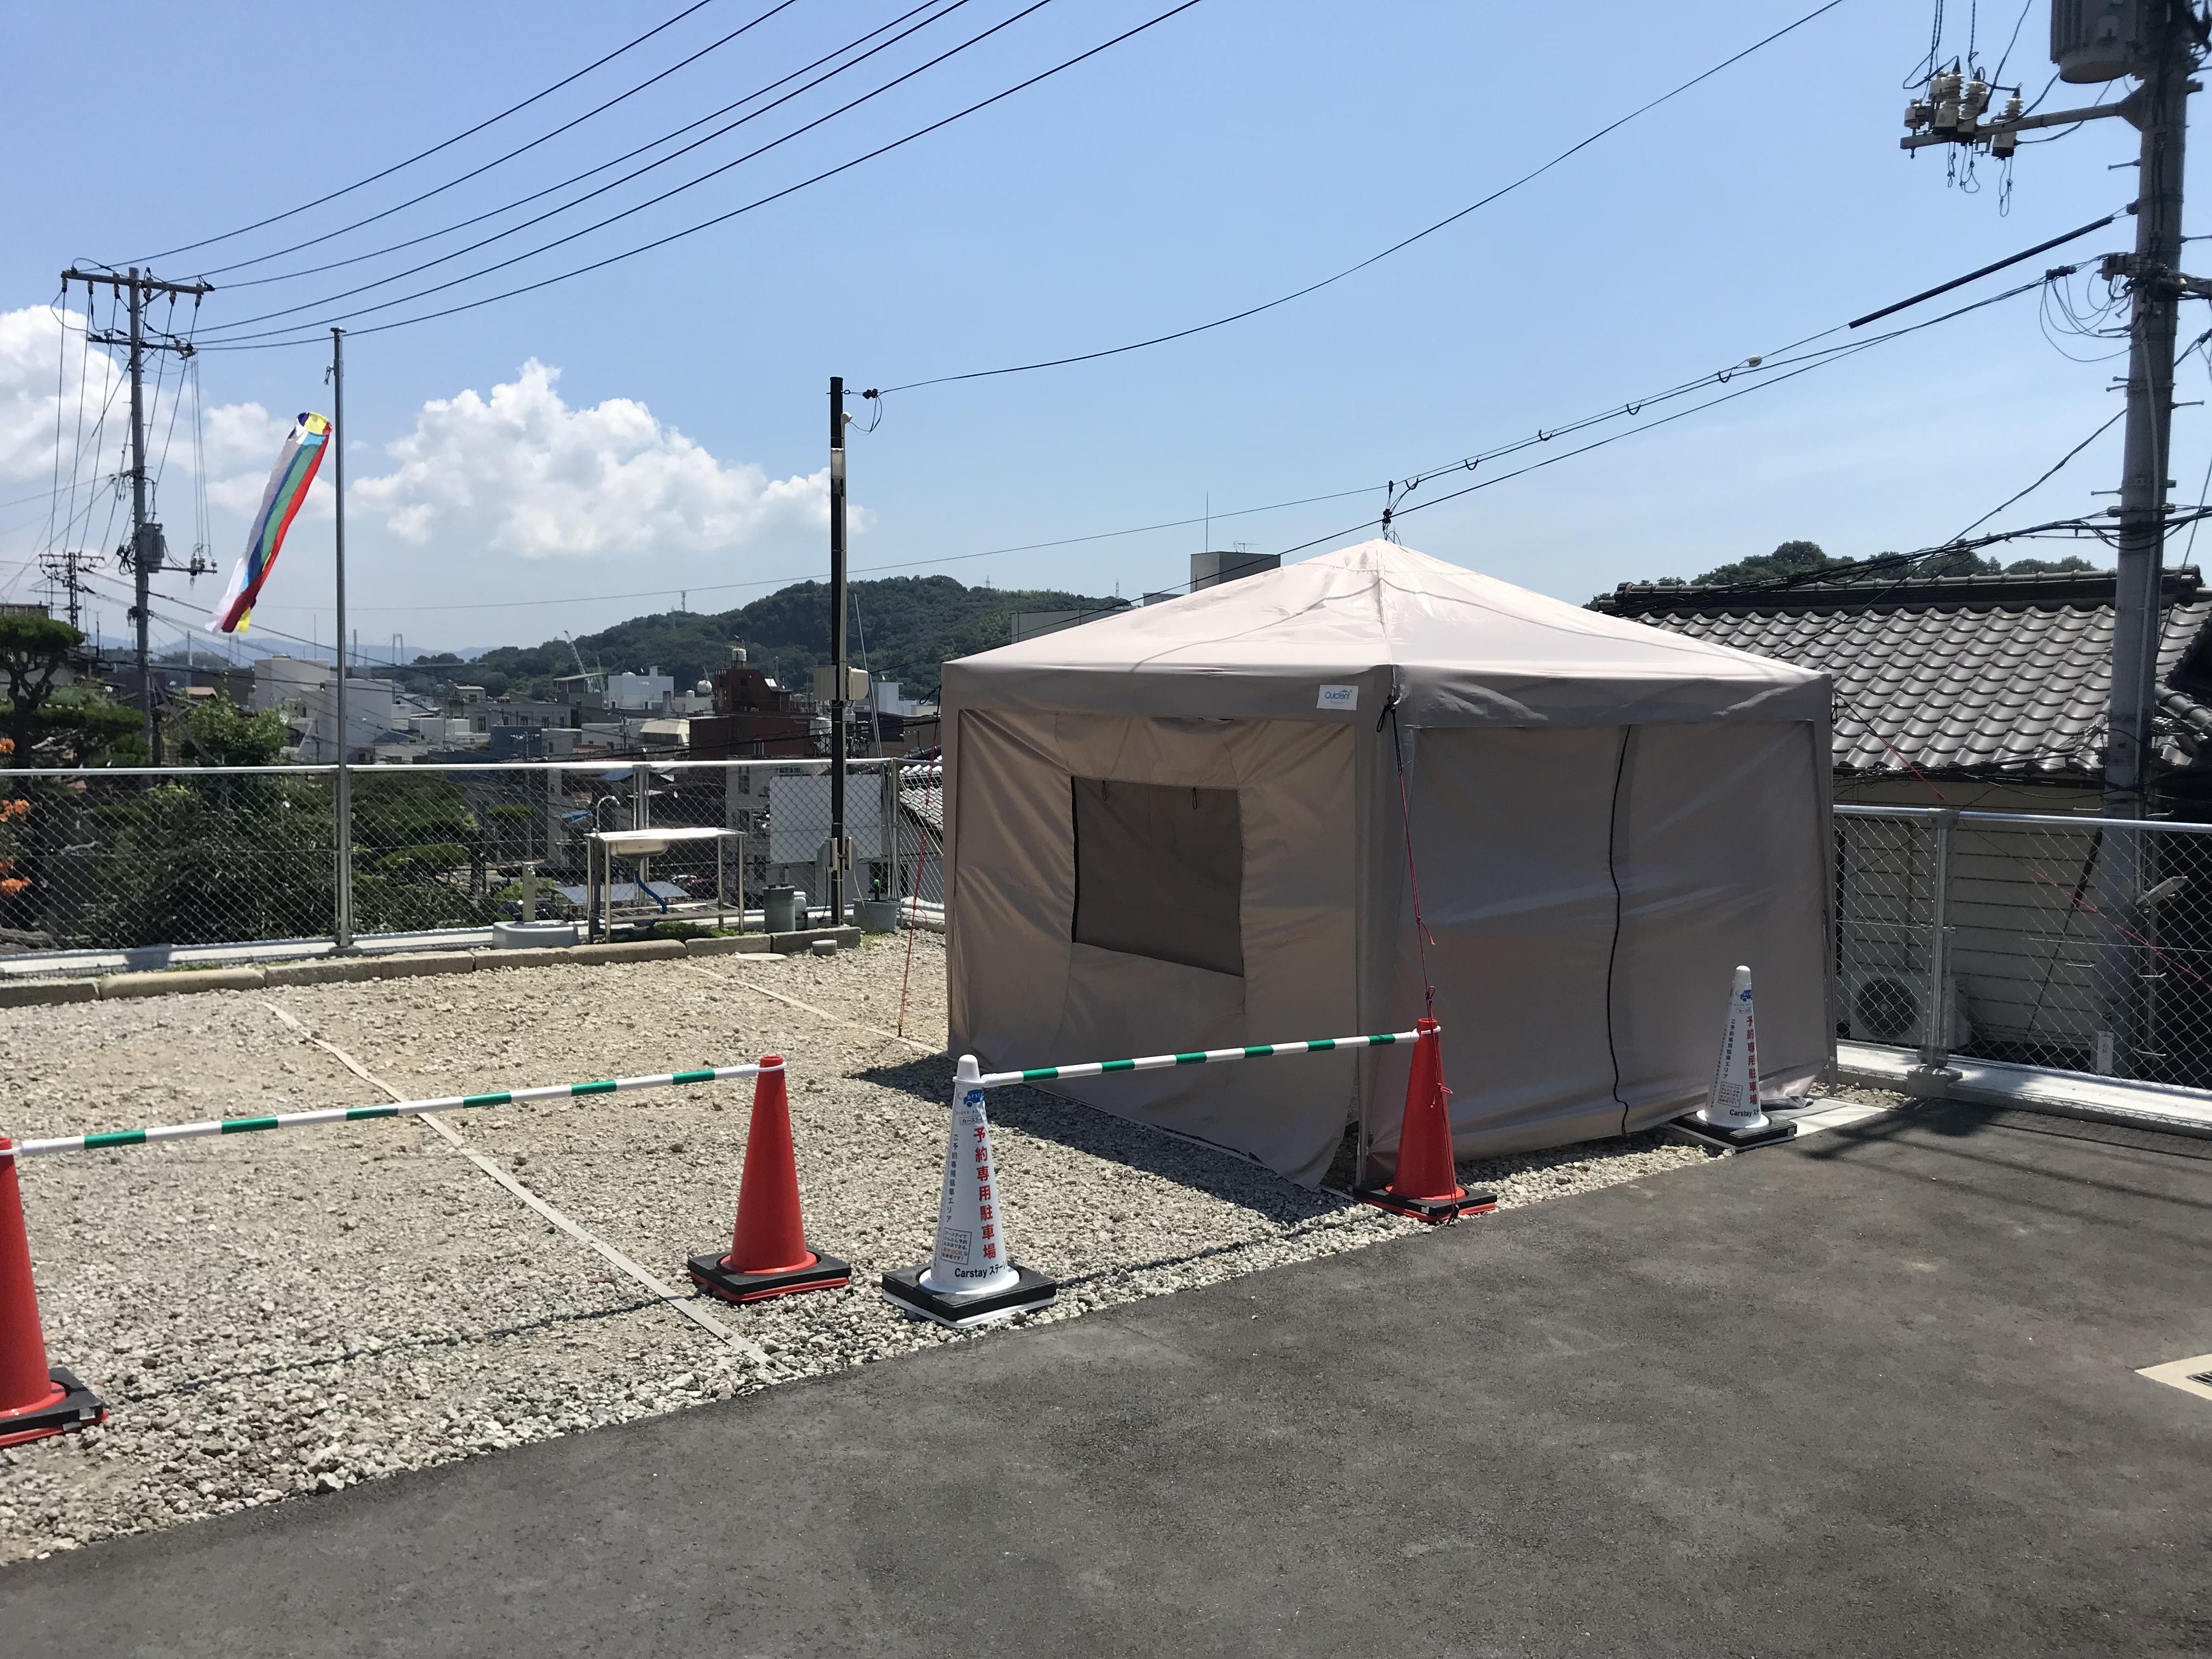 駐車可能なスペース ※テント使用可です! ※砂利敷き車室に向かって右側のフェンスから2車室A12とA13がステーションの車室です。